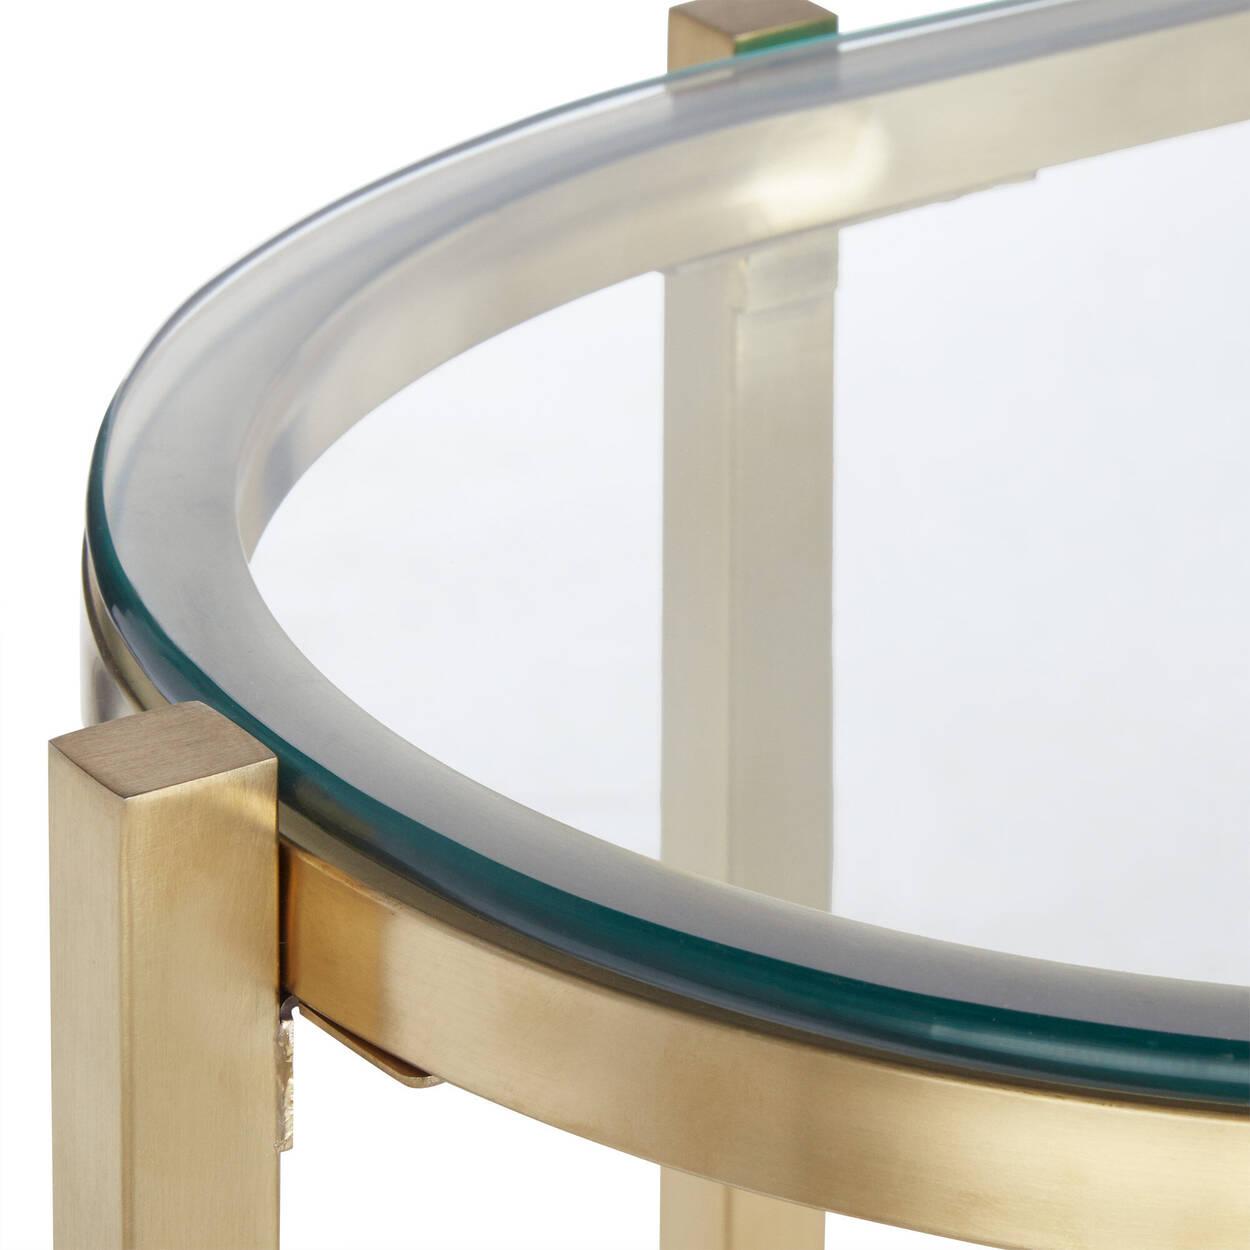 Console en verre avec détails dorés